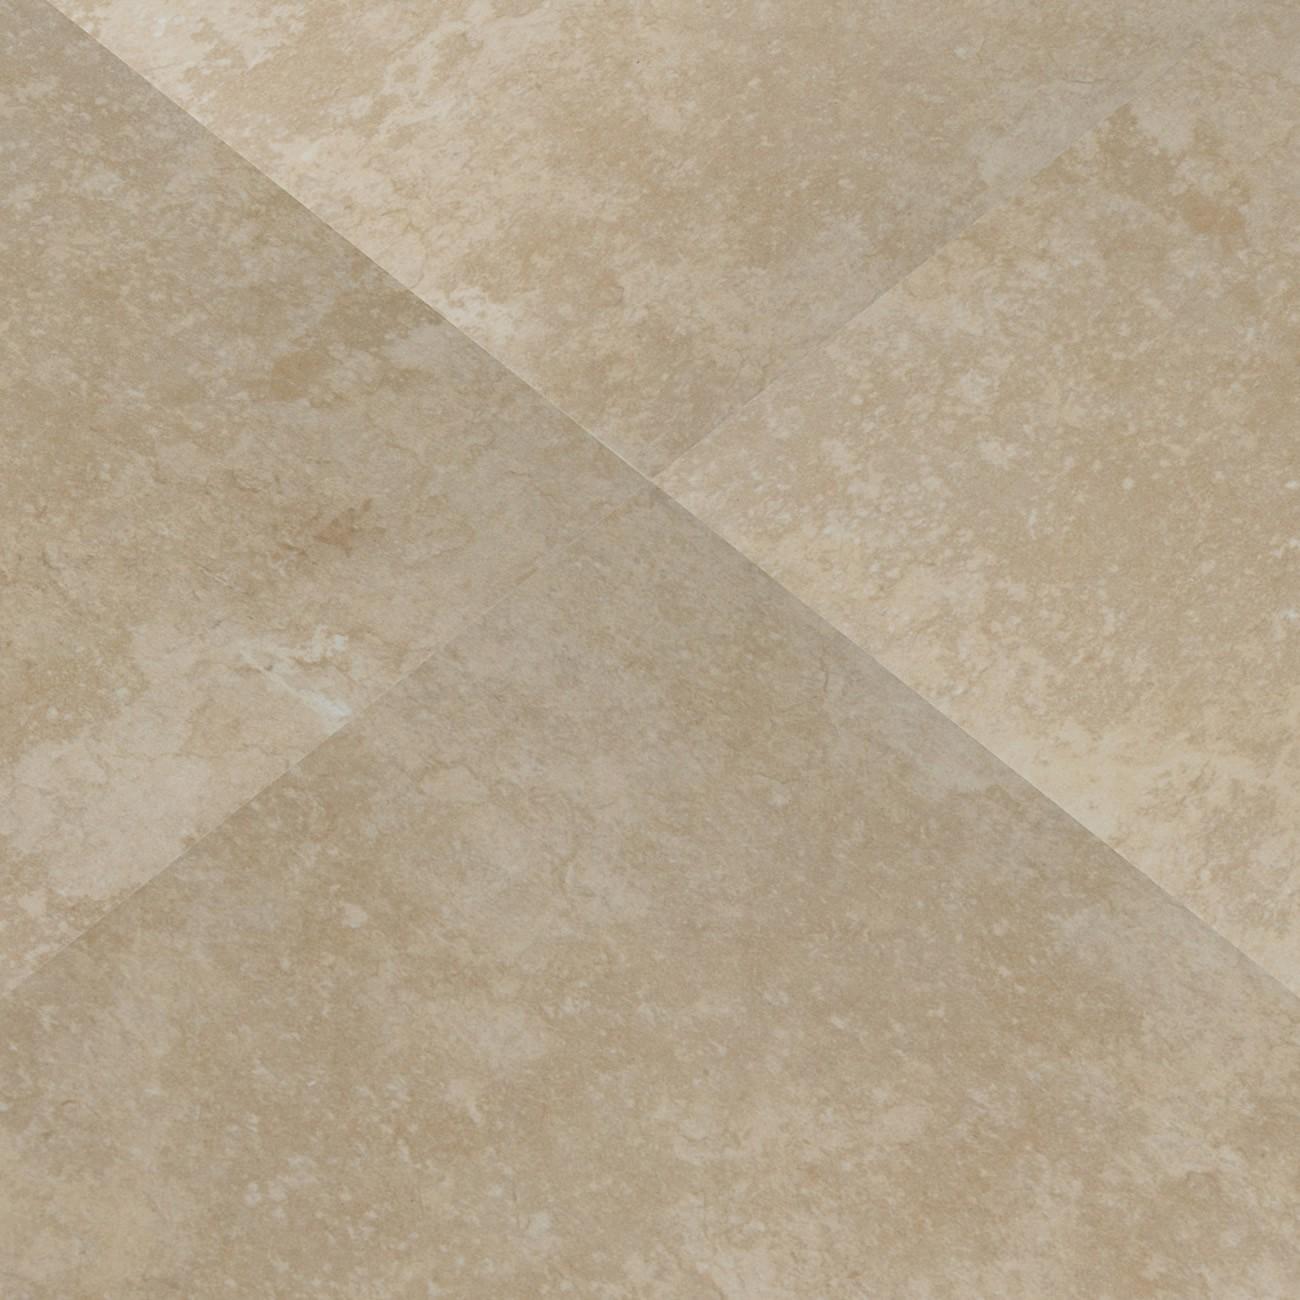 Tempest Beige 18x18 Upscape Tile